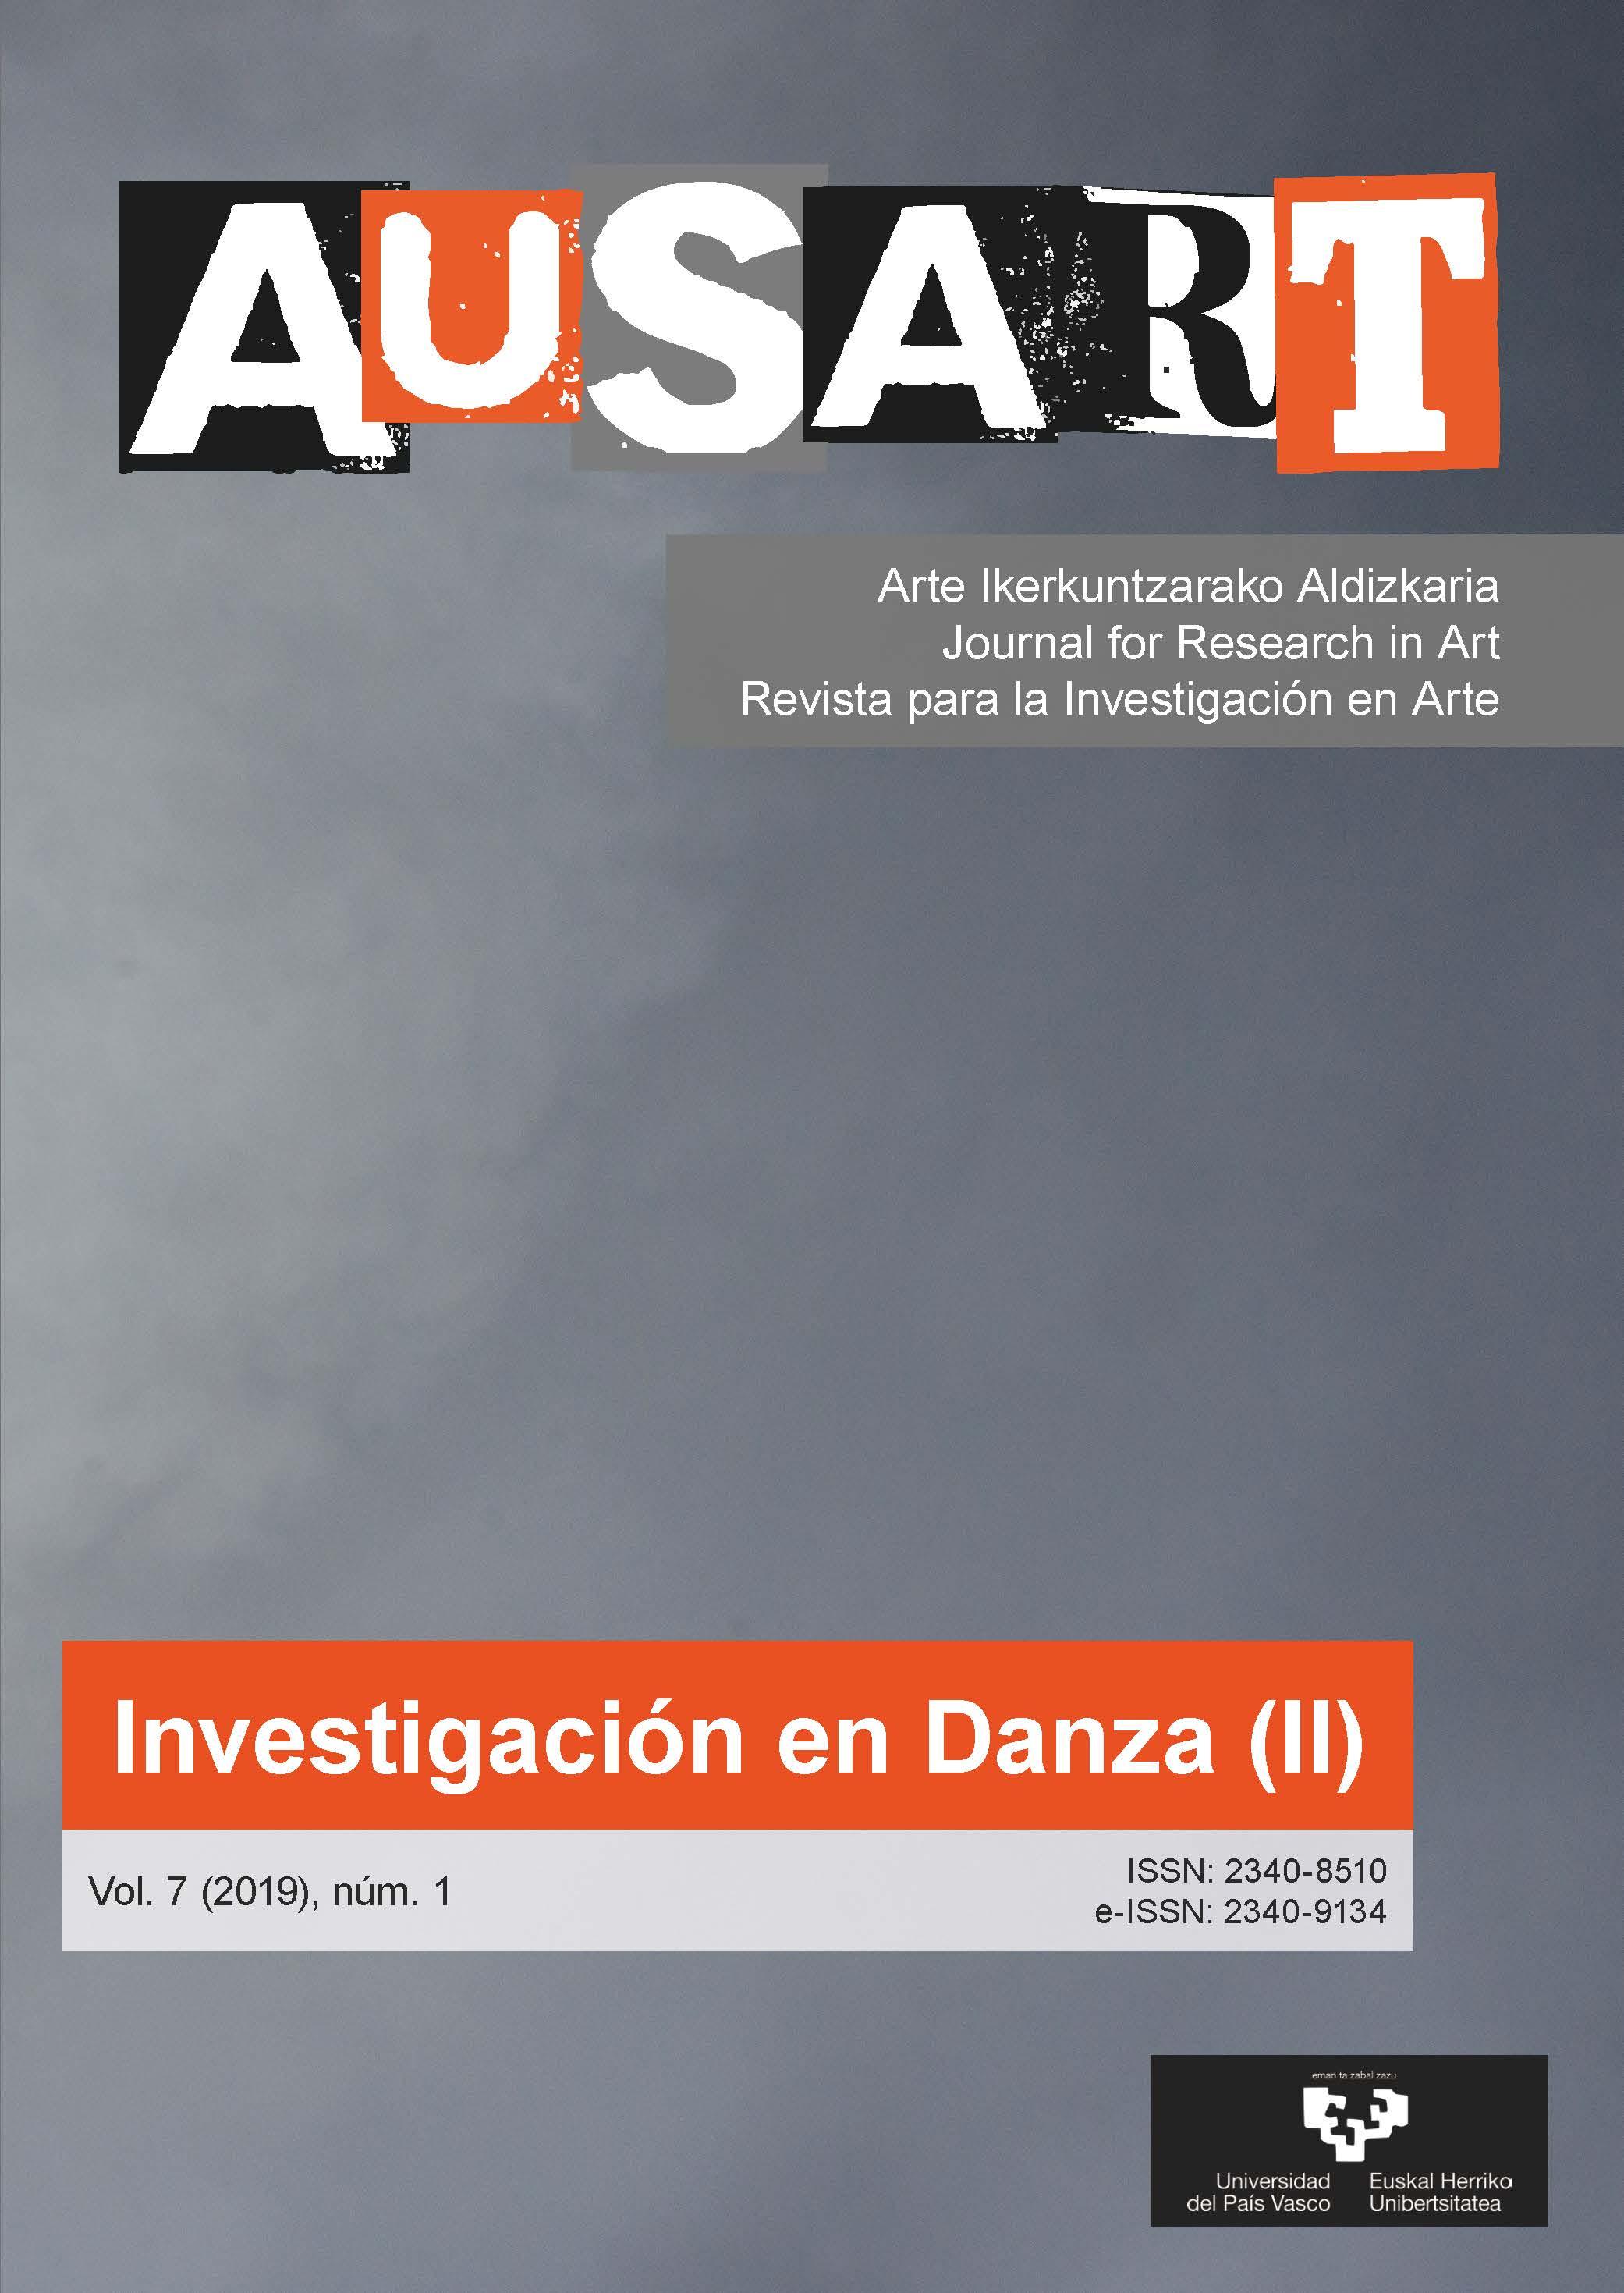 Portada AusArt vol. 7, número 1 (2019)